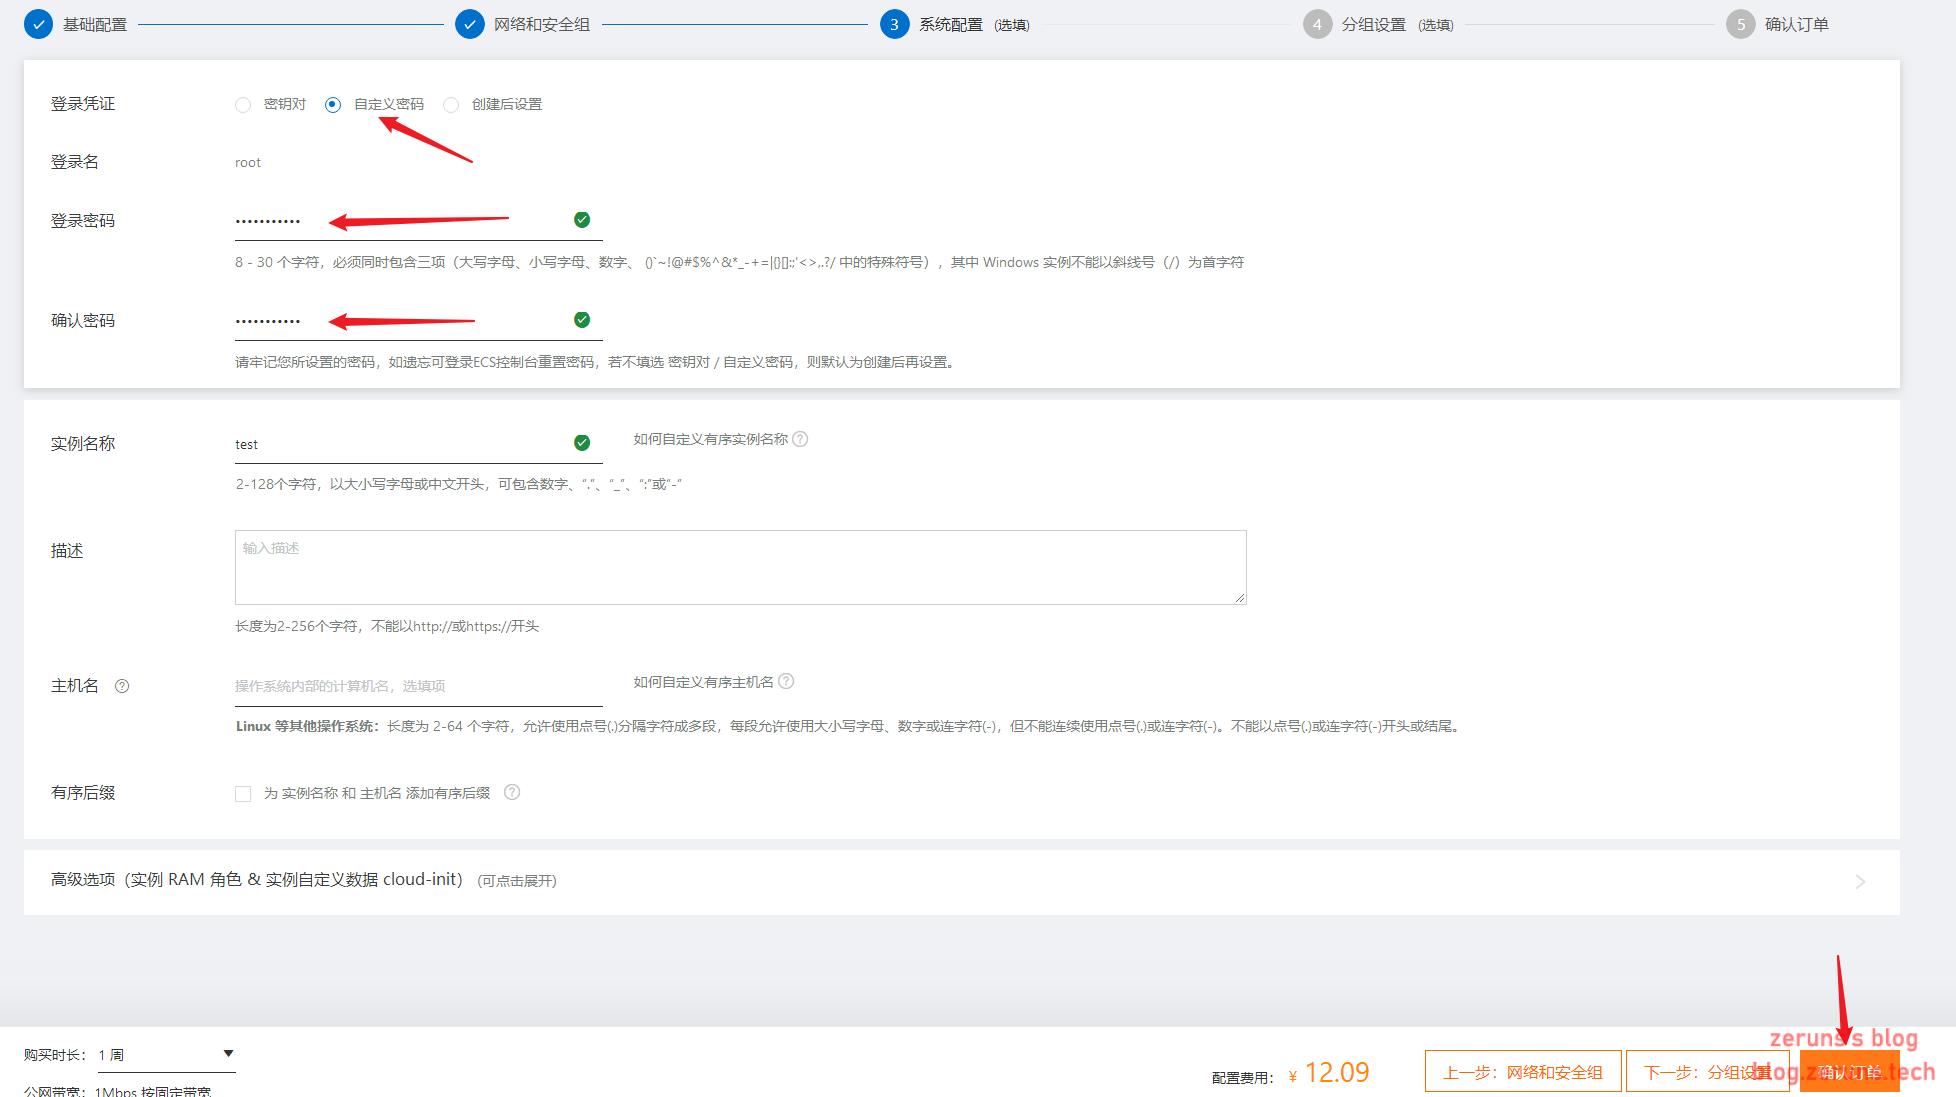 2020 04 17 17 20 26 - 使用Cloudreve自建不限速的网盘,支持离线下载